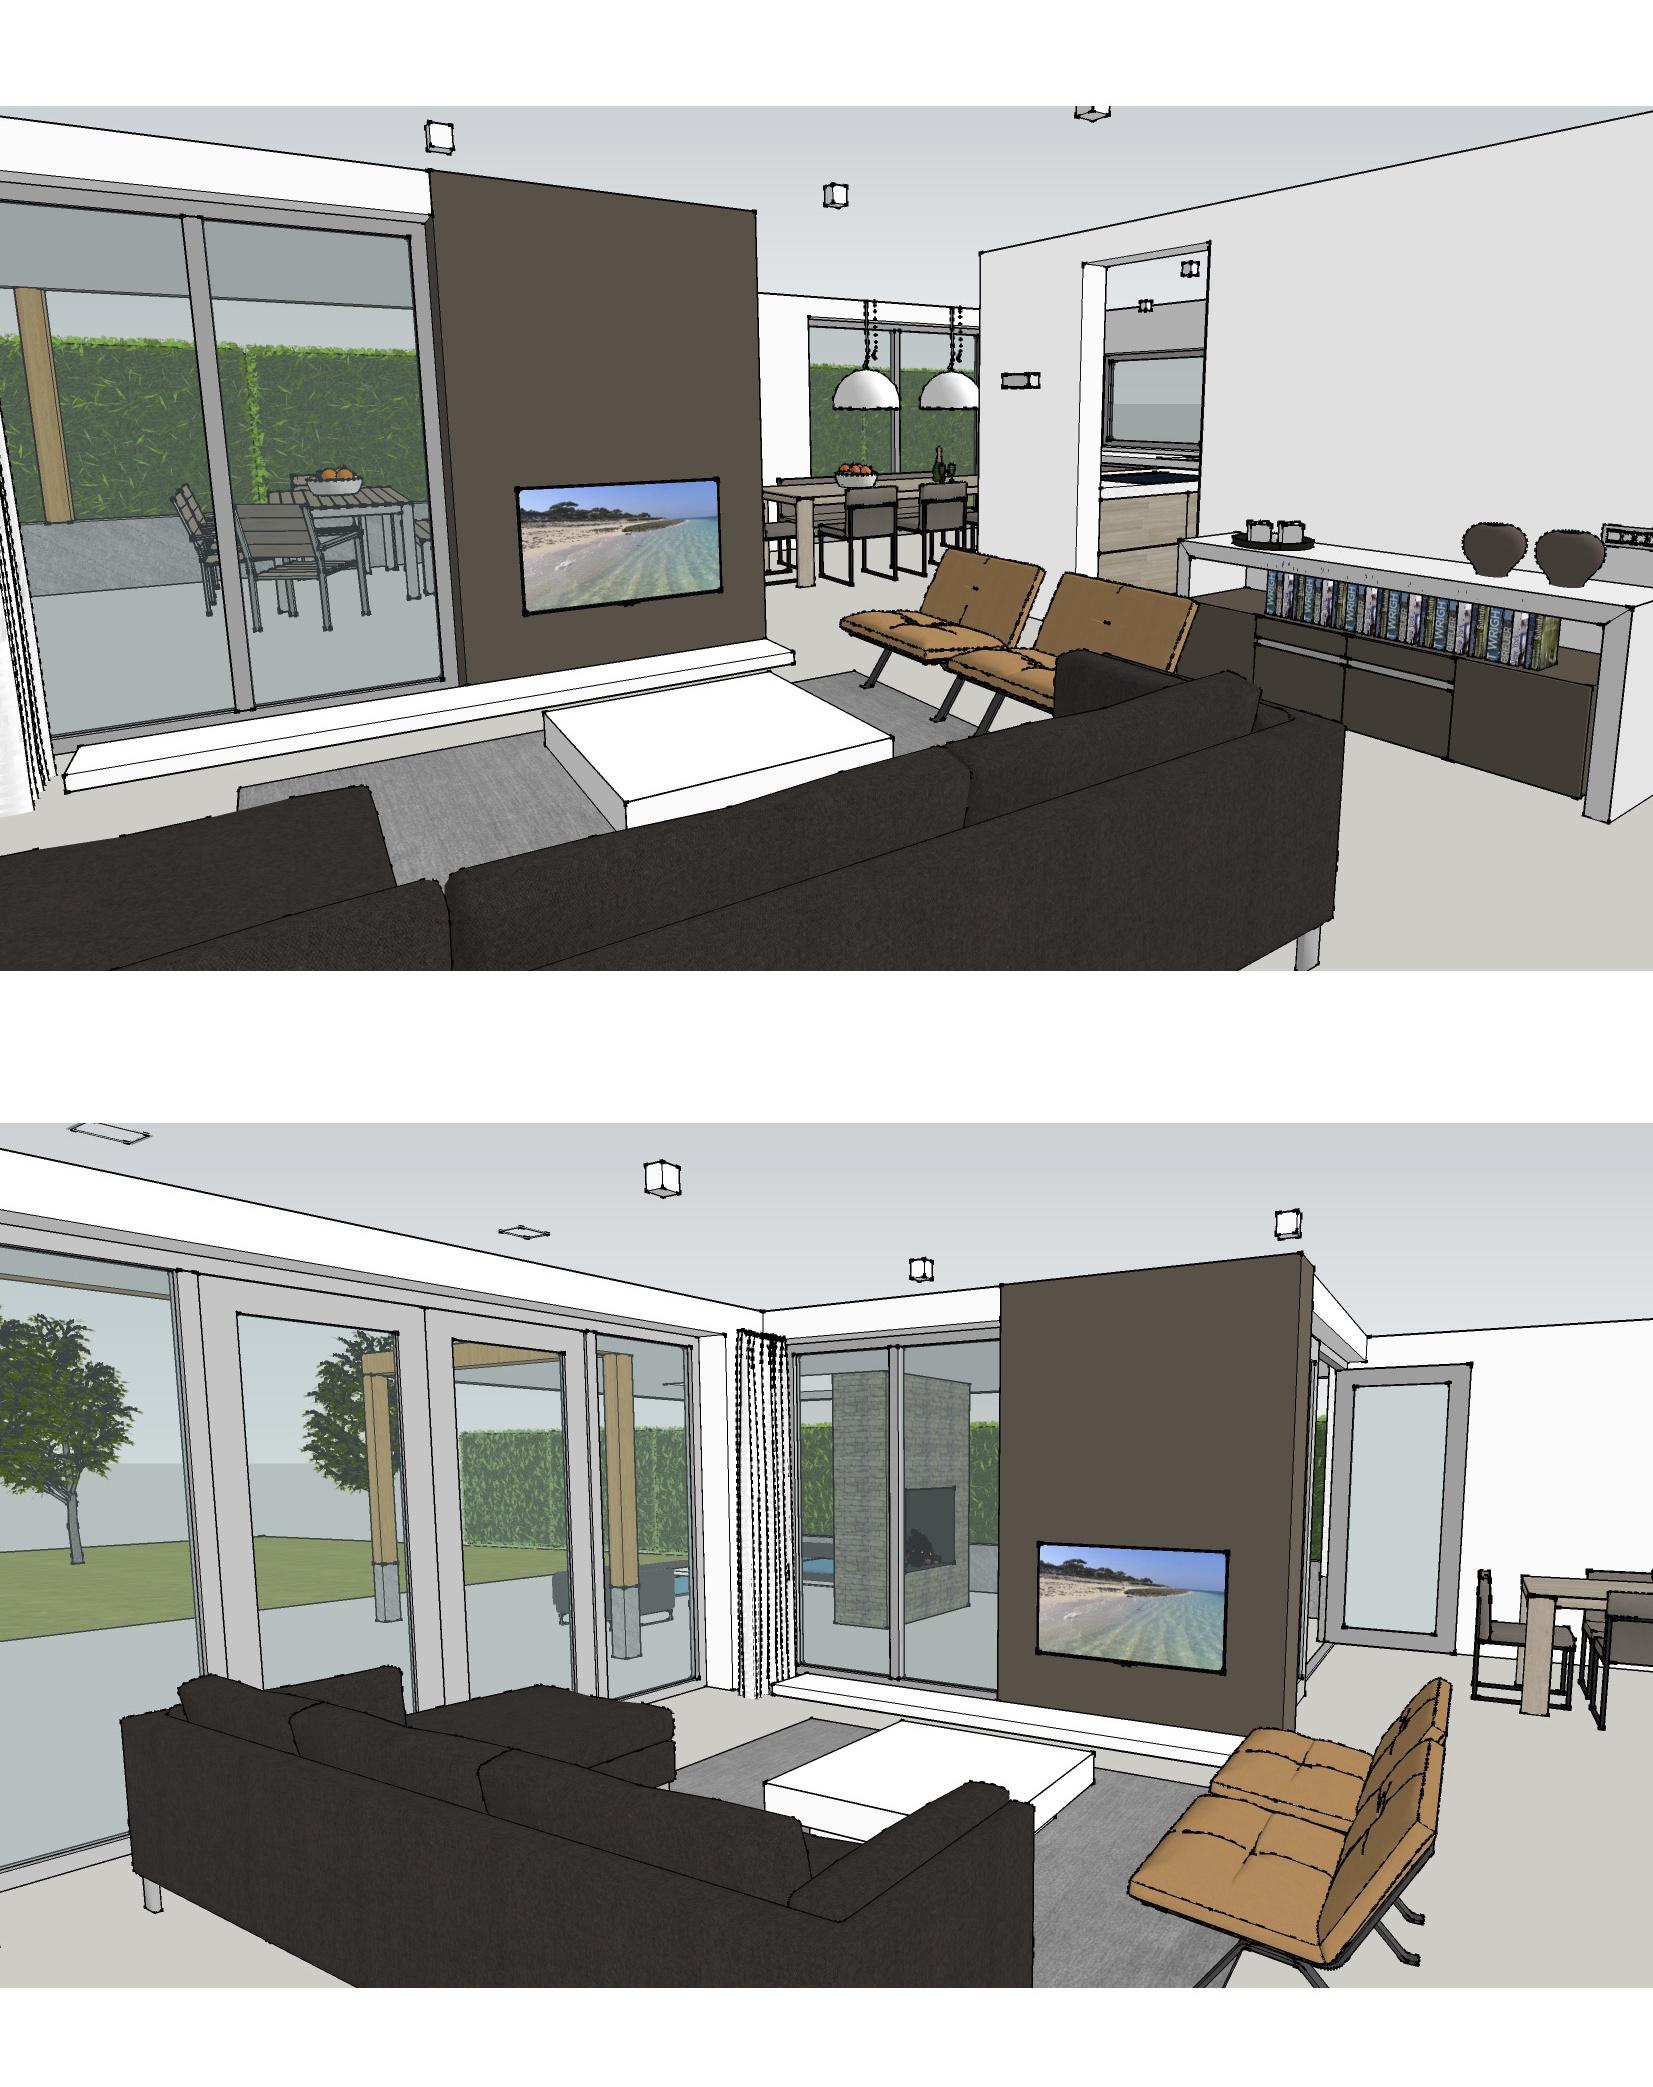 interieur ontwerp vrijstaande nieuwbouw woning puur-bouwen - cinterieur